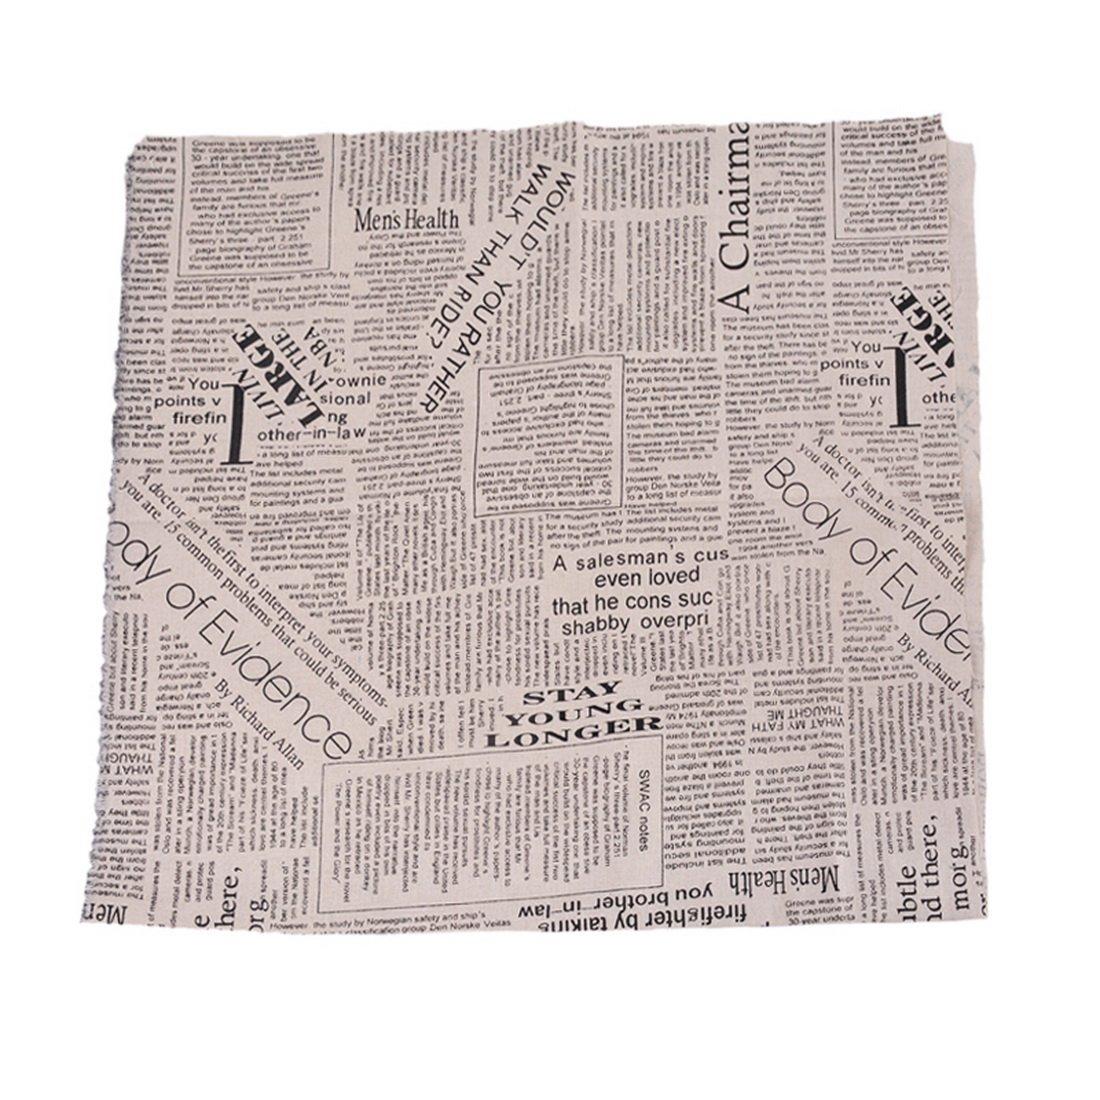 Tissu en Lin Couleur Foncé Bricolage Patchwork Imprimé Style Vintage Coupon DIY Quilting Papillon Textile Artisanat Bundle Couture Scrapbooking 97x50cm Cysincos